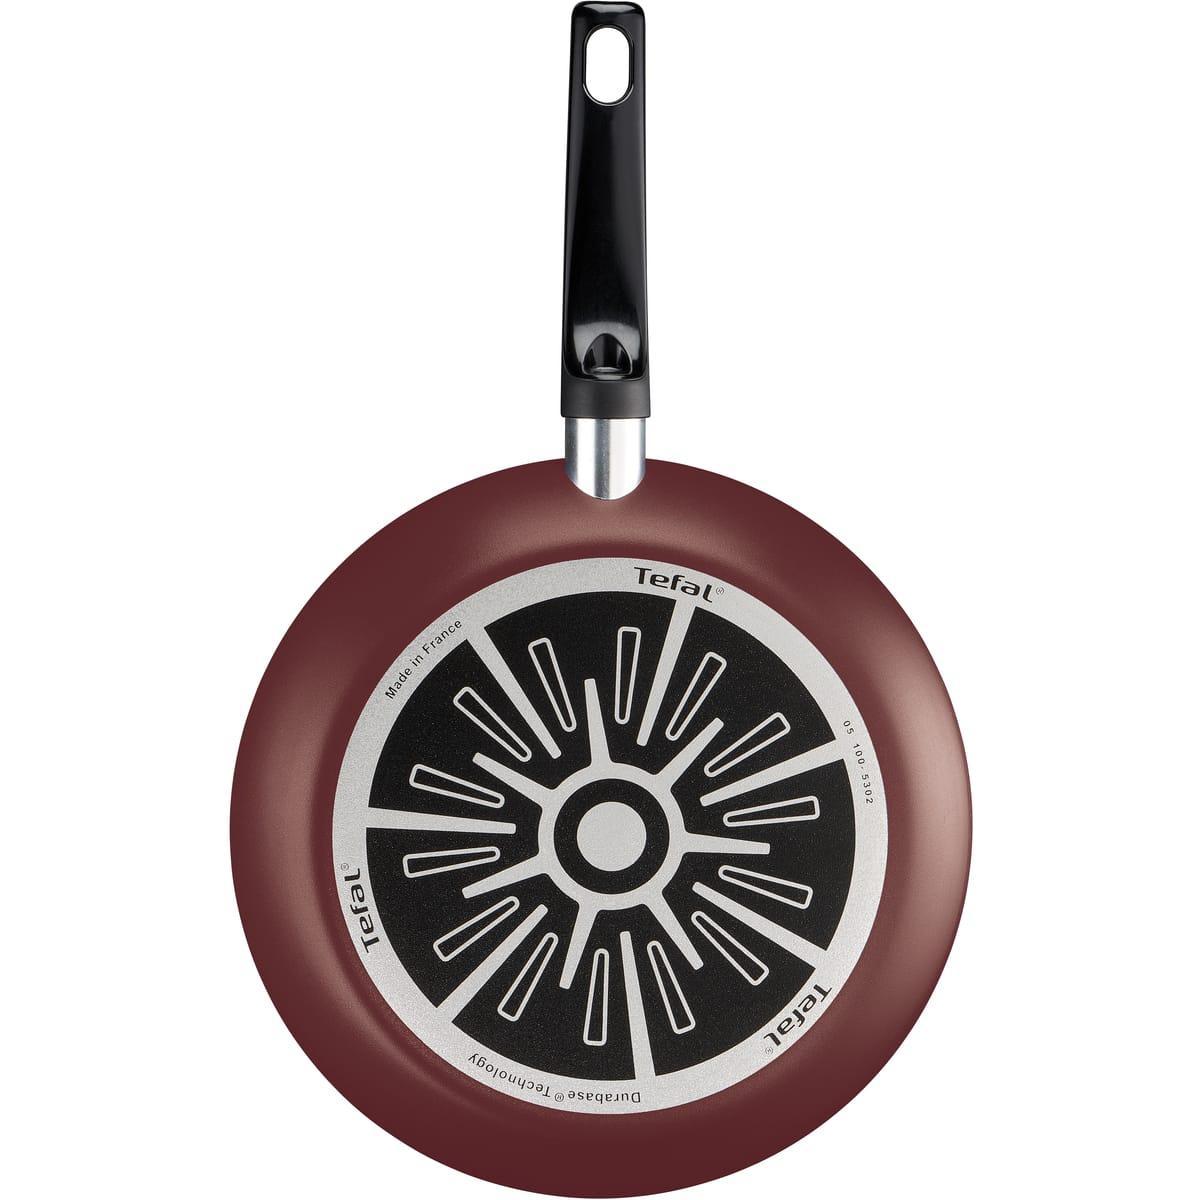 Sélection d'articles cuisine en promotion - Ex : Poêle Tefal Essential  Rouge velours  - 20 cm tous feux sauf induction  (avec 10€ sur la carte)